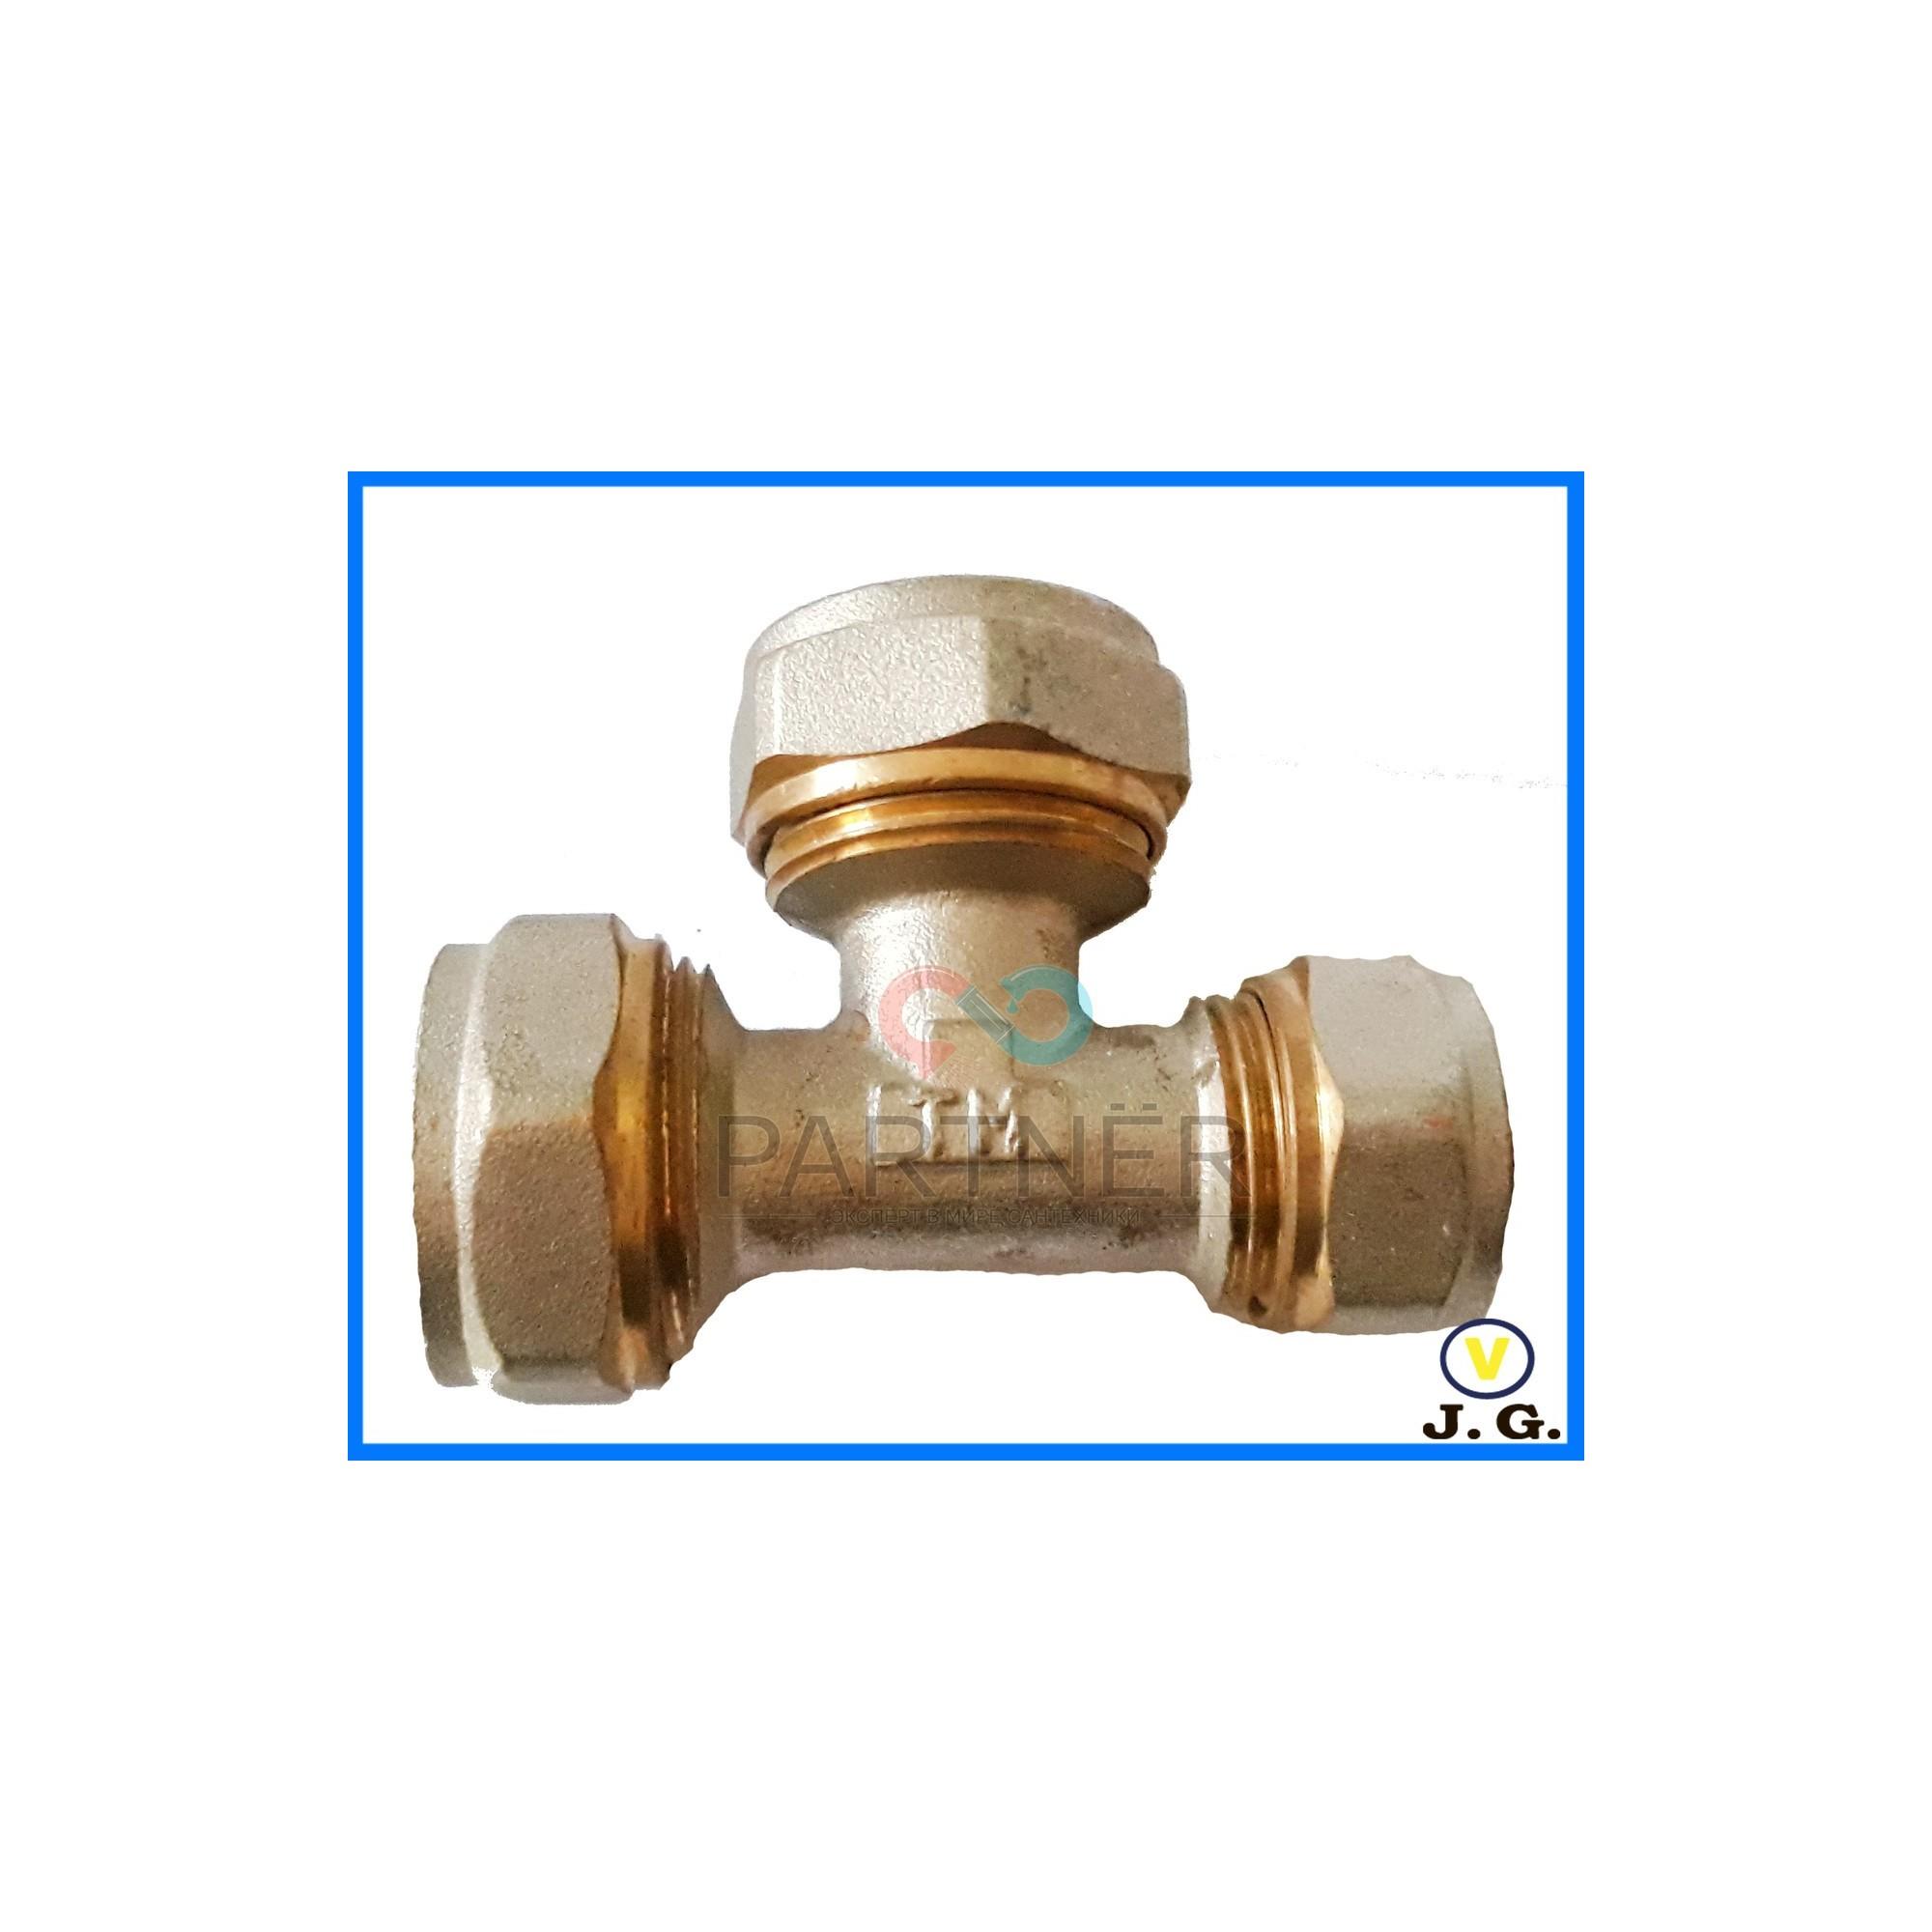 Тройник 20*20*16 J.G.(АВ) с проточкой для метоллопластика J.G. - 1